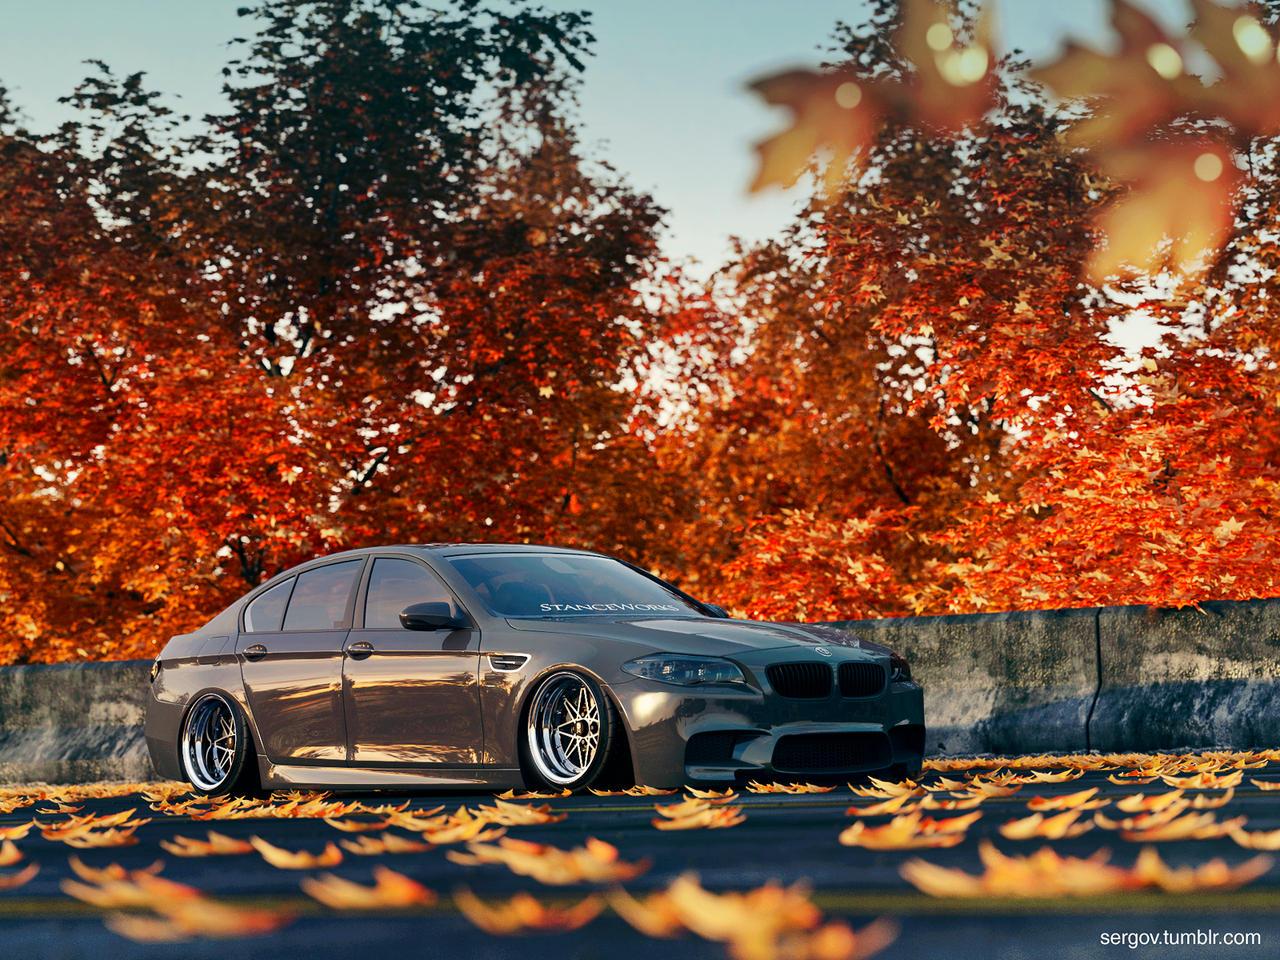 BMW M5 F01 Stanced by sergoc58